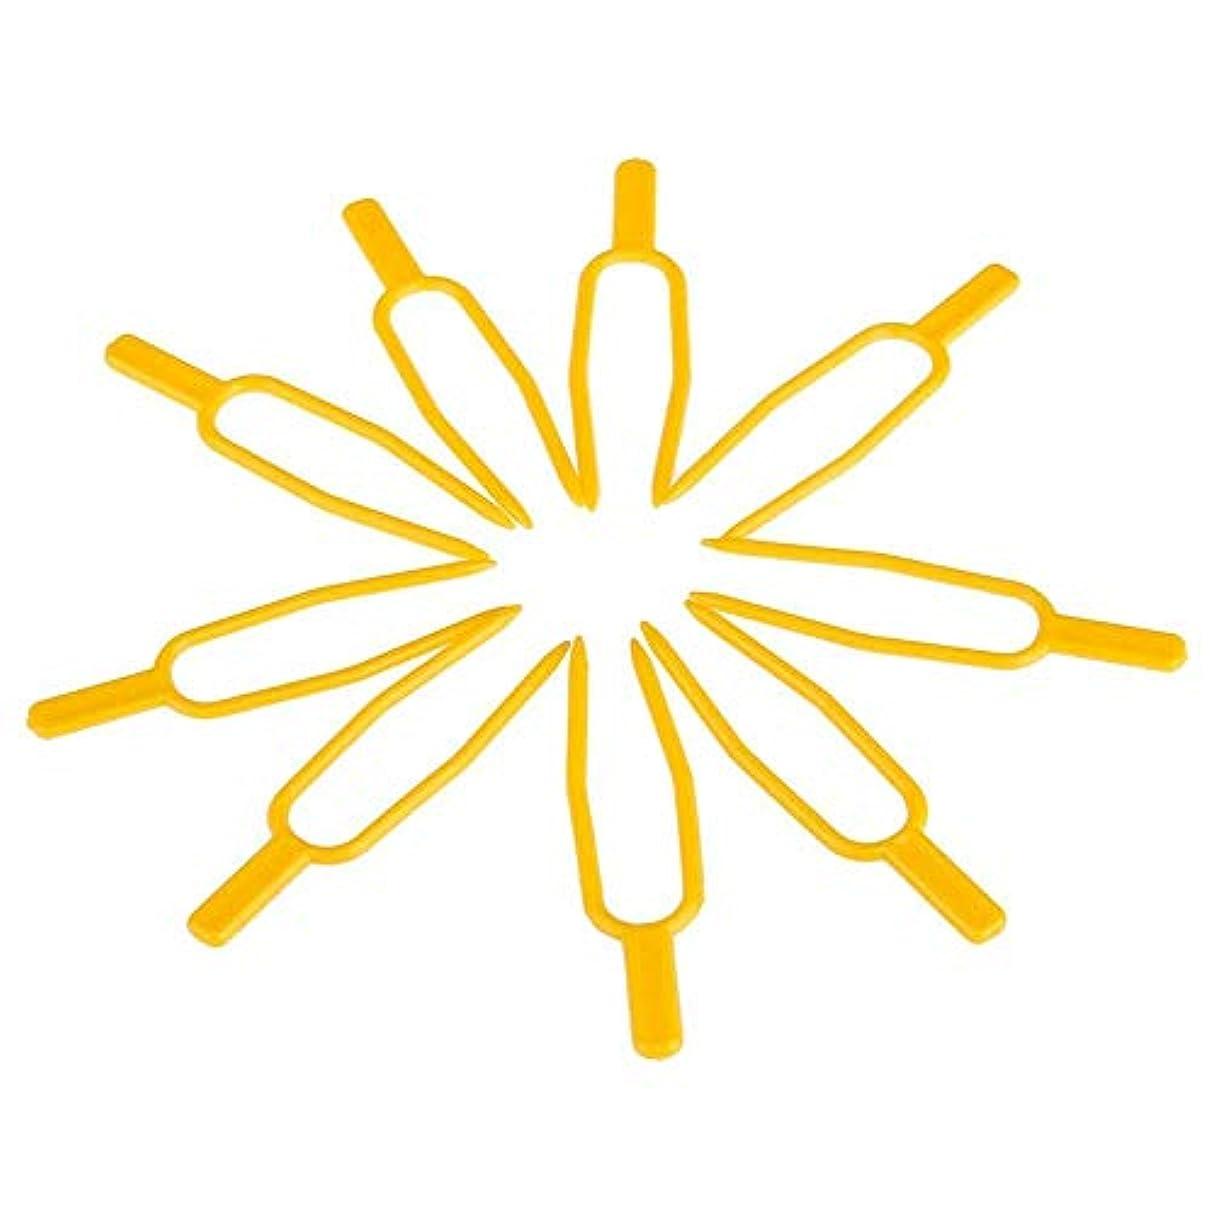 一時停止粘り強いスワップchaselpod プラントクリップ イチゴフォーク 固定フォーク ガーデンツール DIY 工具 園芸用便利クリップ 100個入りセット